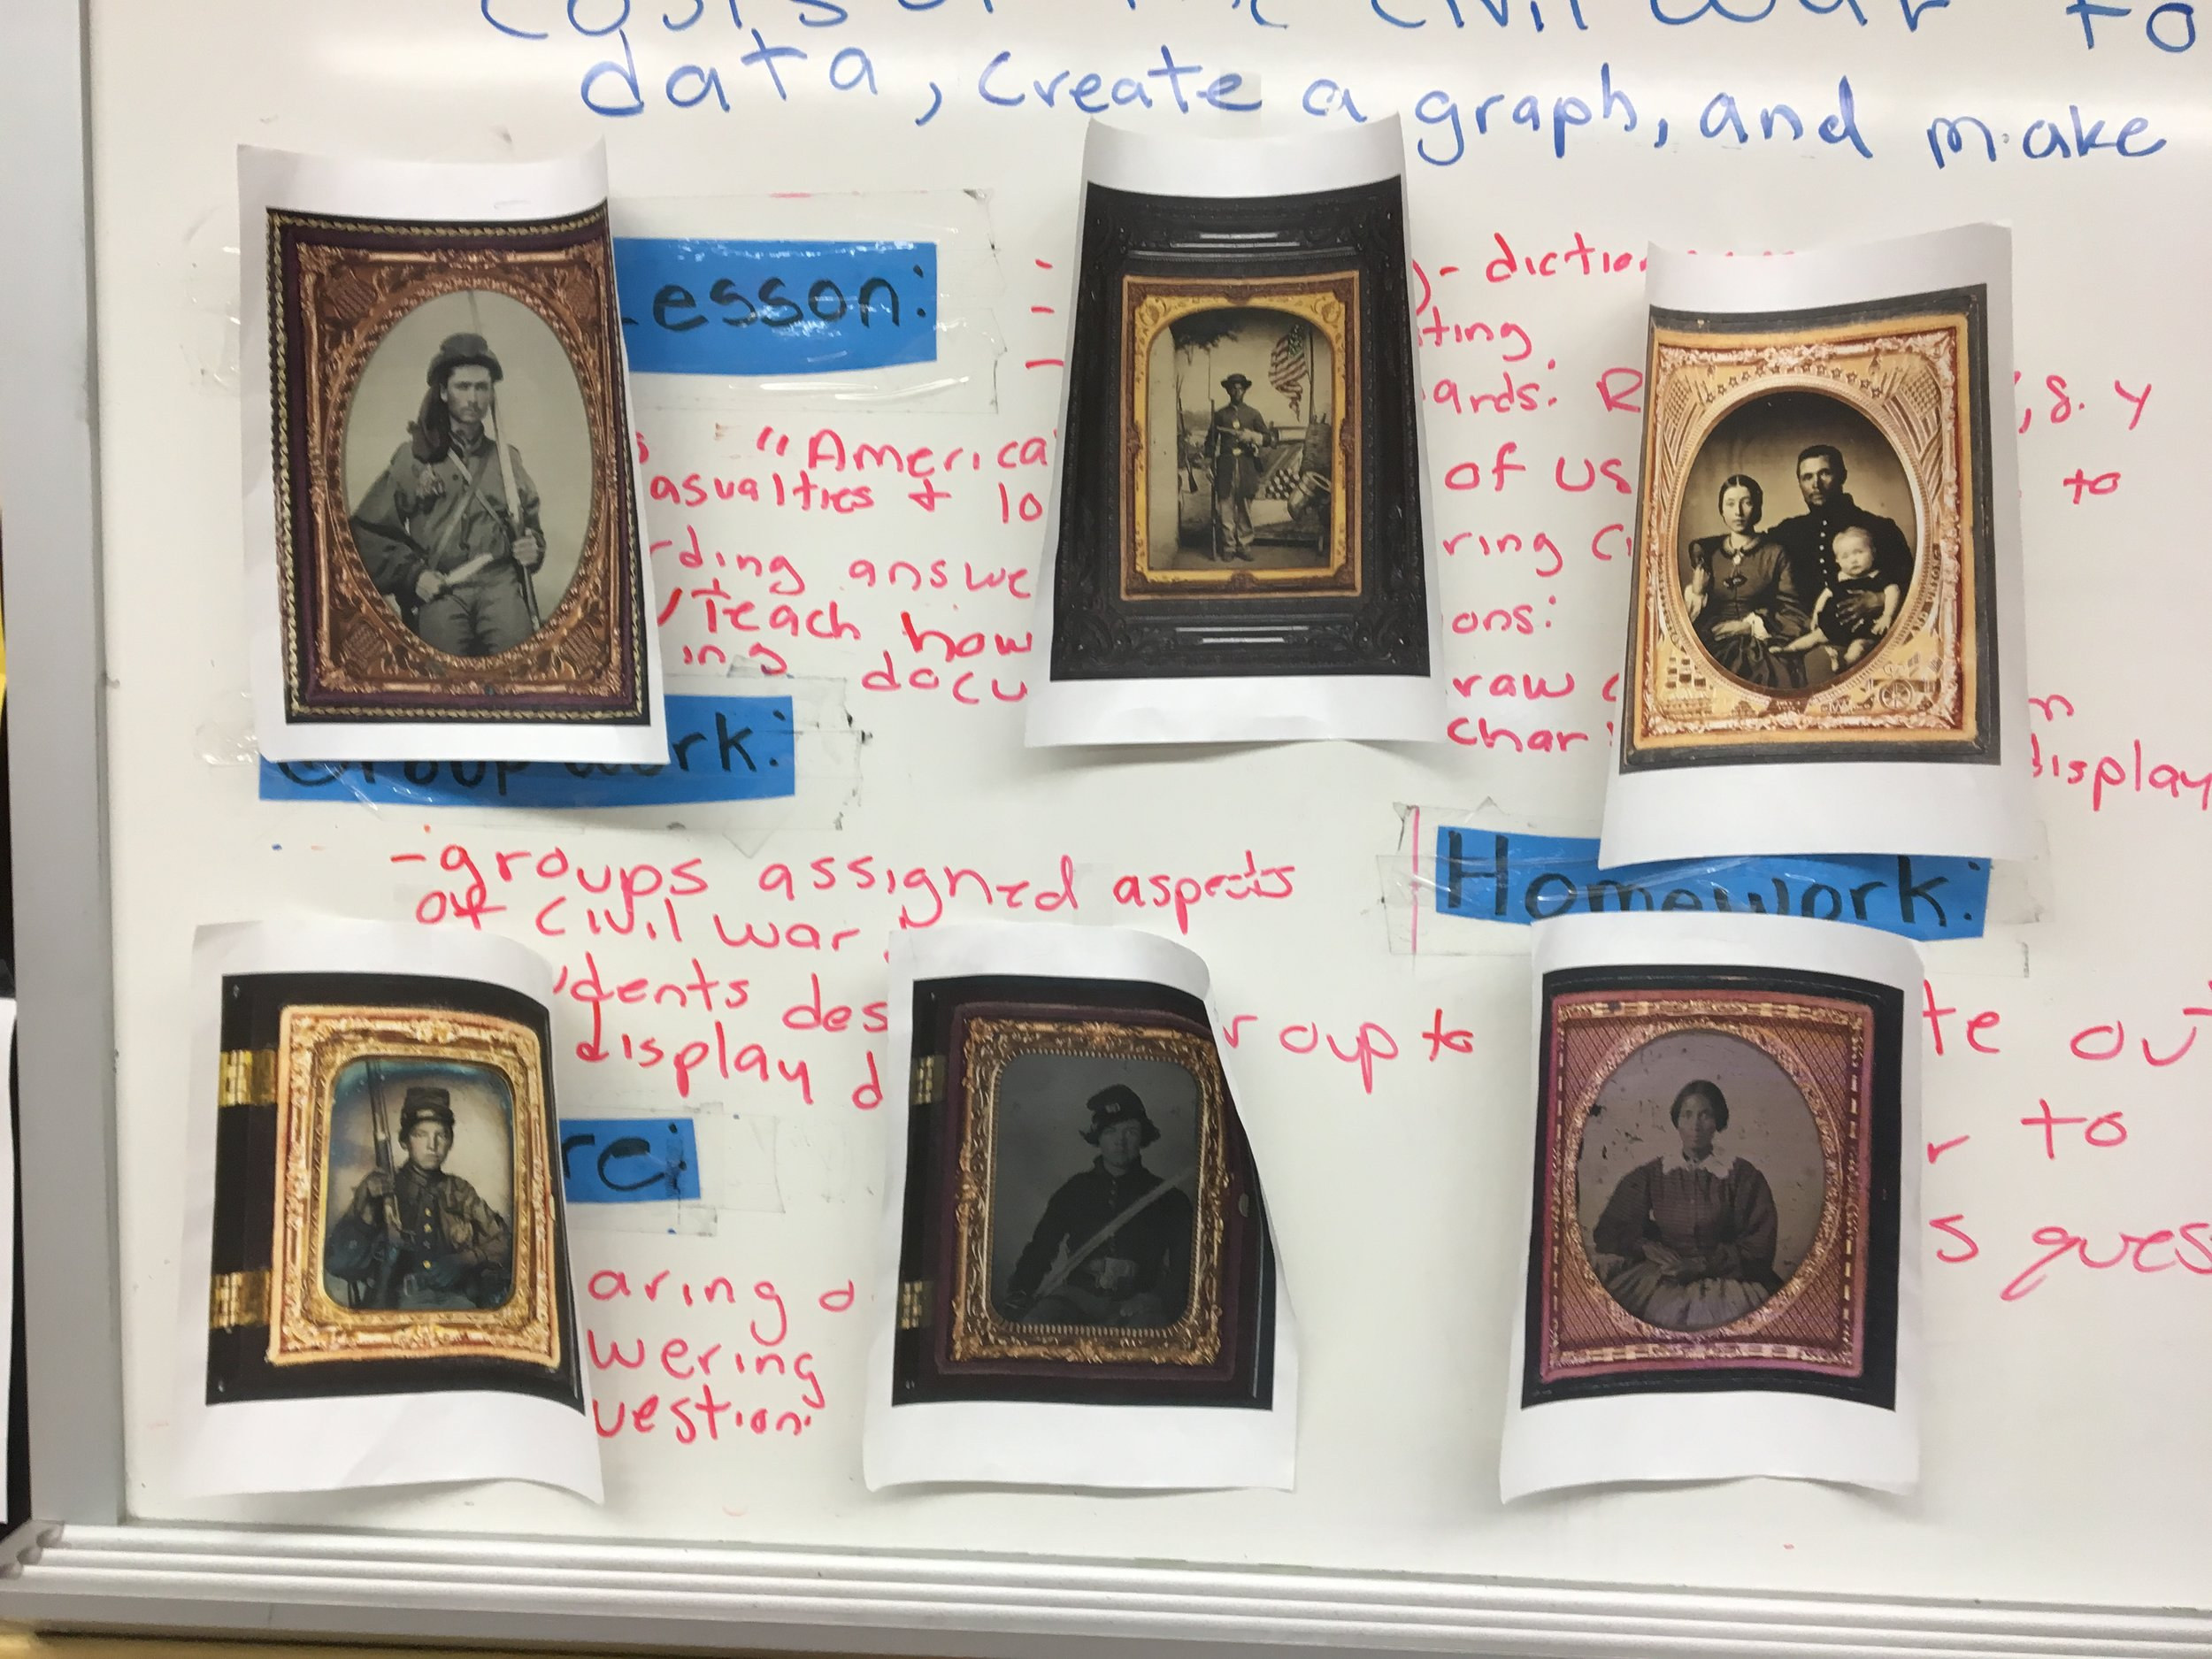 Civil War image research